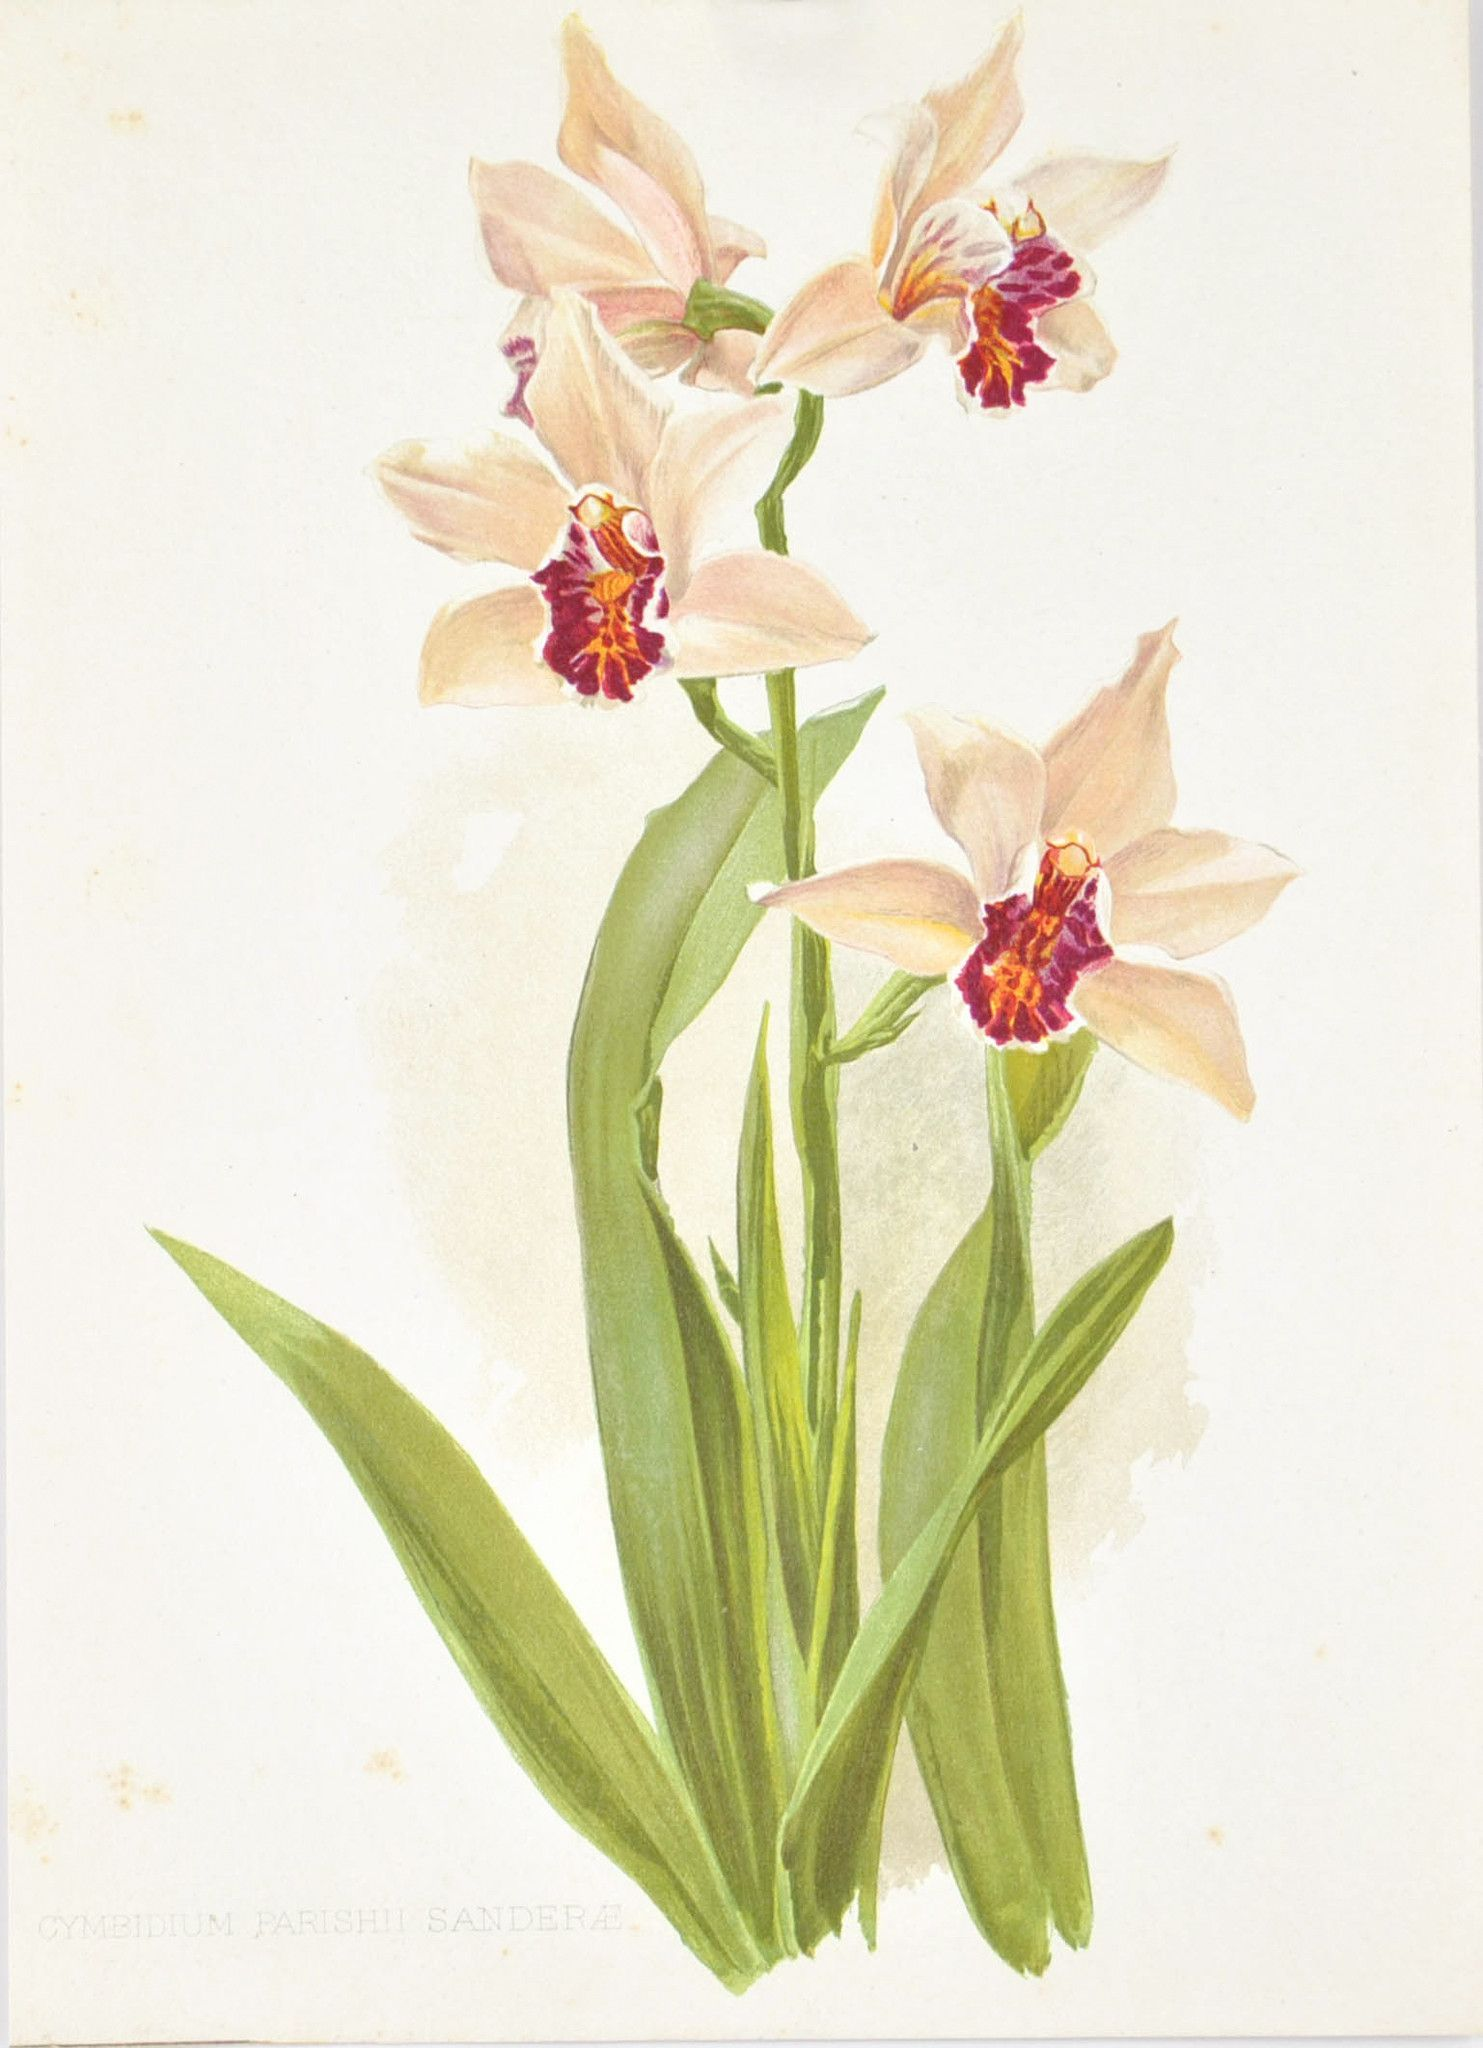 Sander S Cymbidium Orchid 1905 Henry Moon Botanical Flower Print Botanical Flowers Print Botanical Flowers Botanical Painting